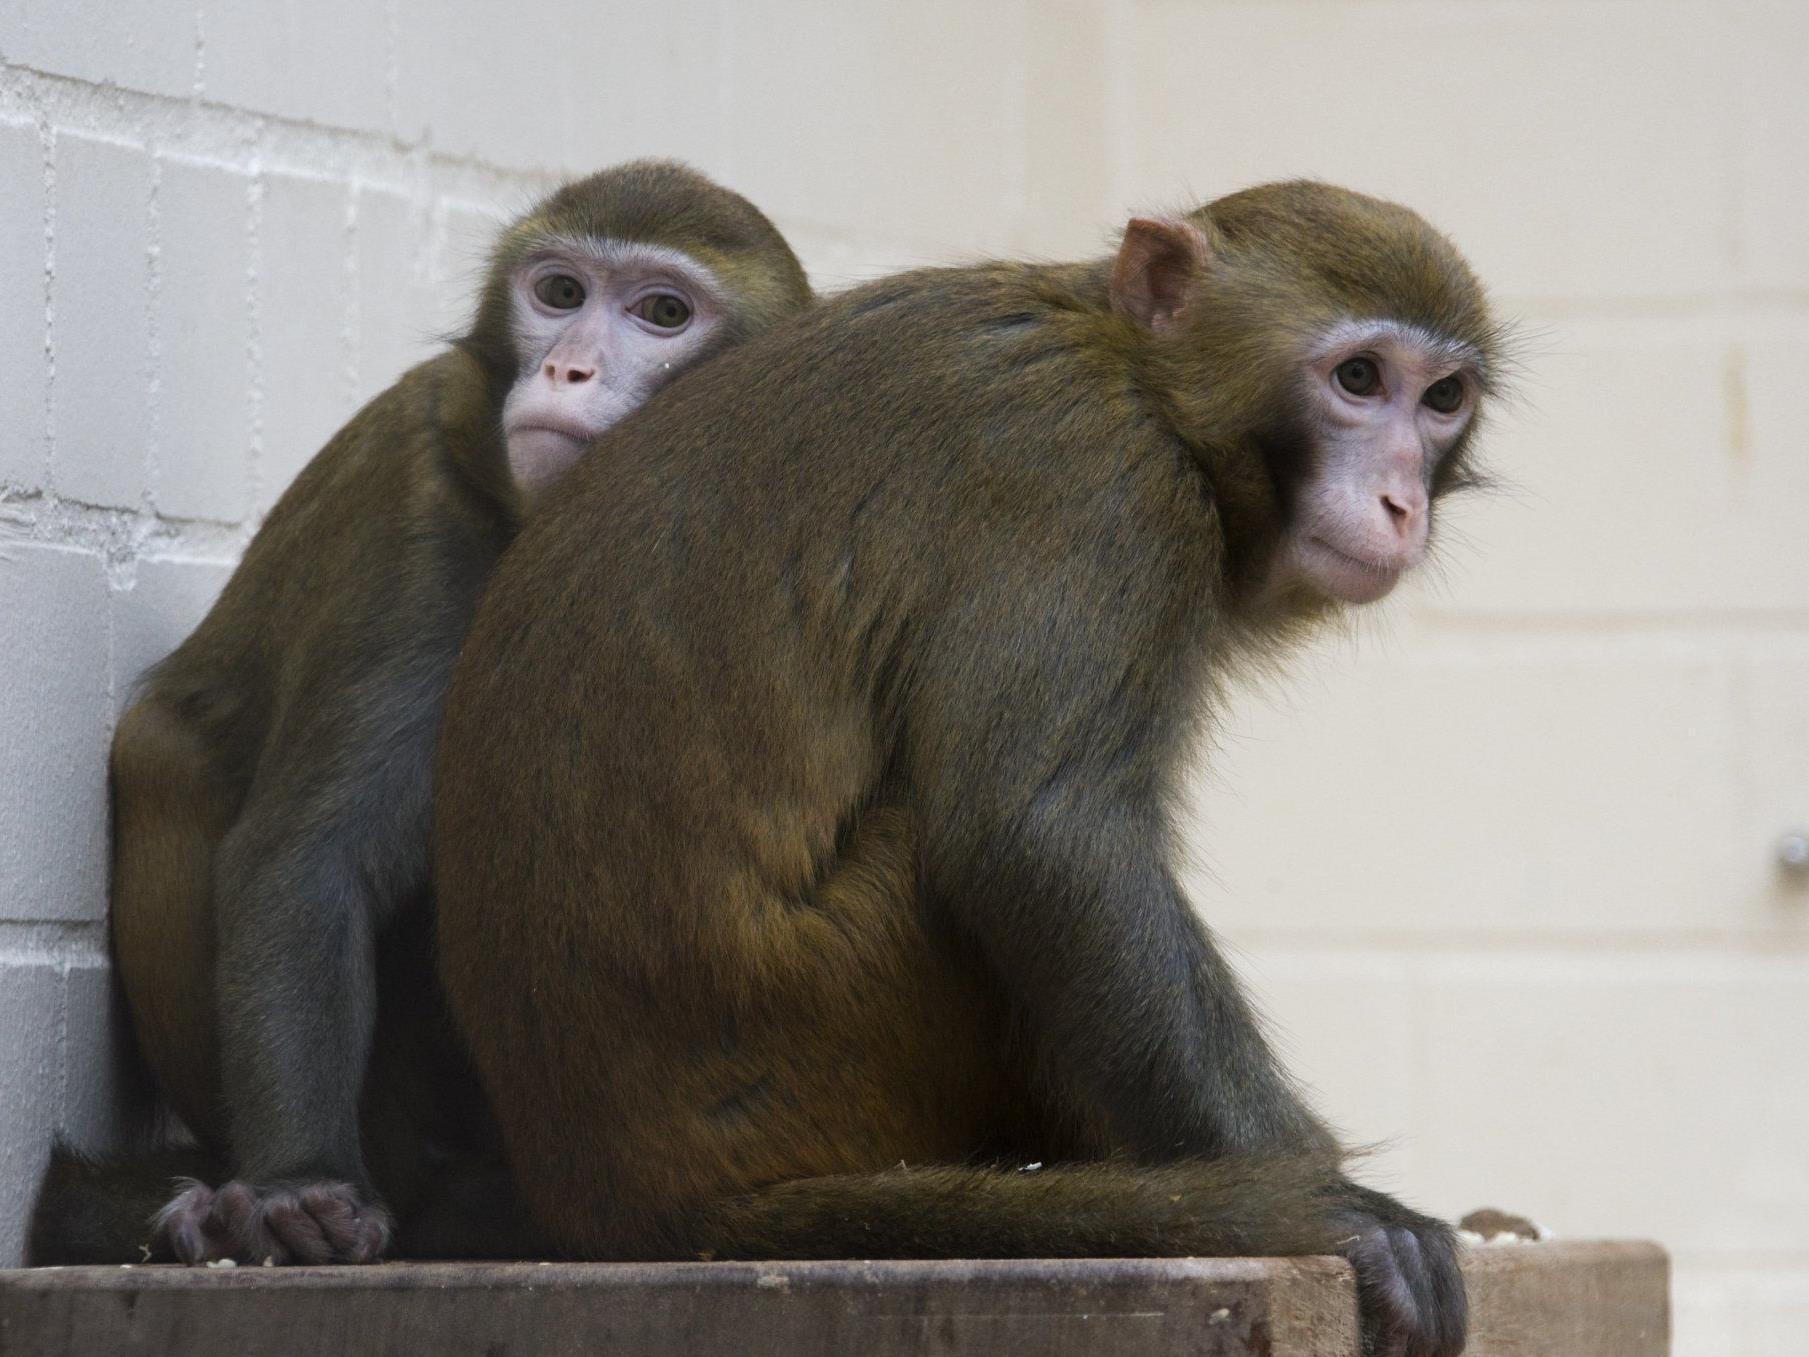 Forscher untersuchten das Schmatzen von Makaken - Rückschlüsse auf menschliche Sprachentwicklung?